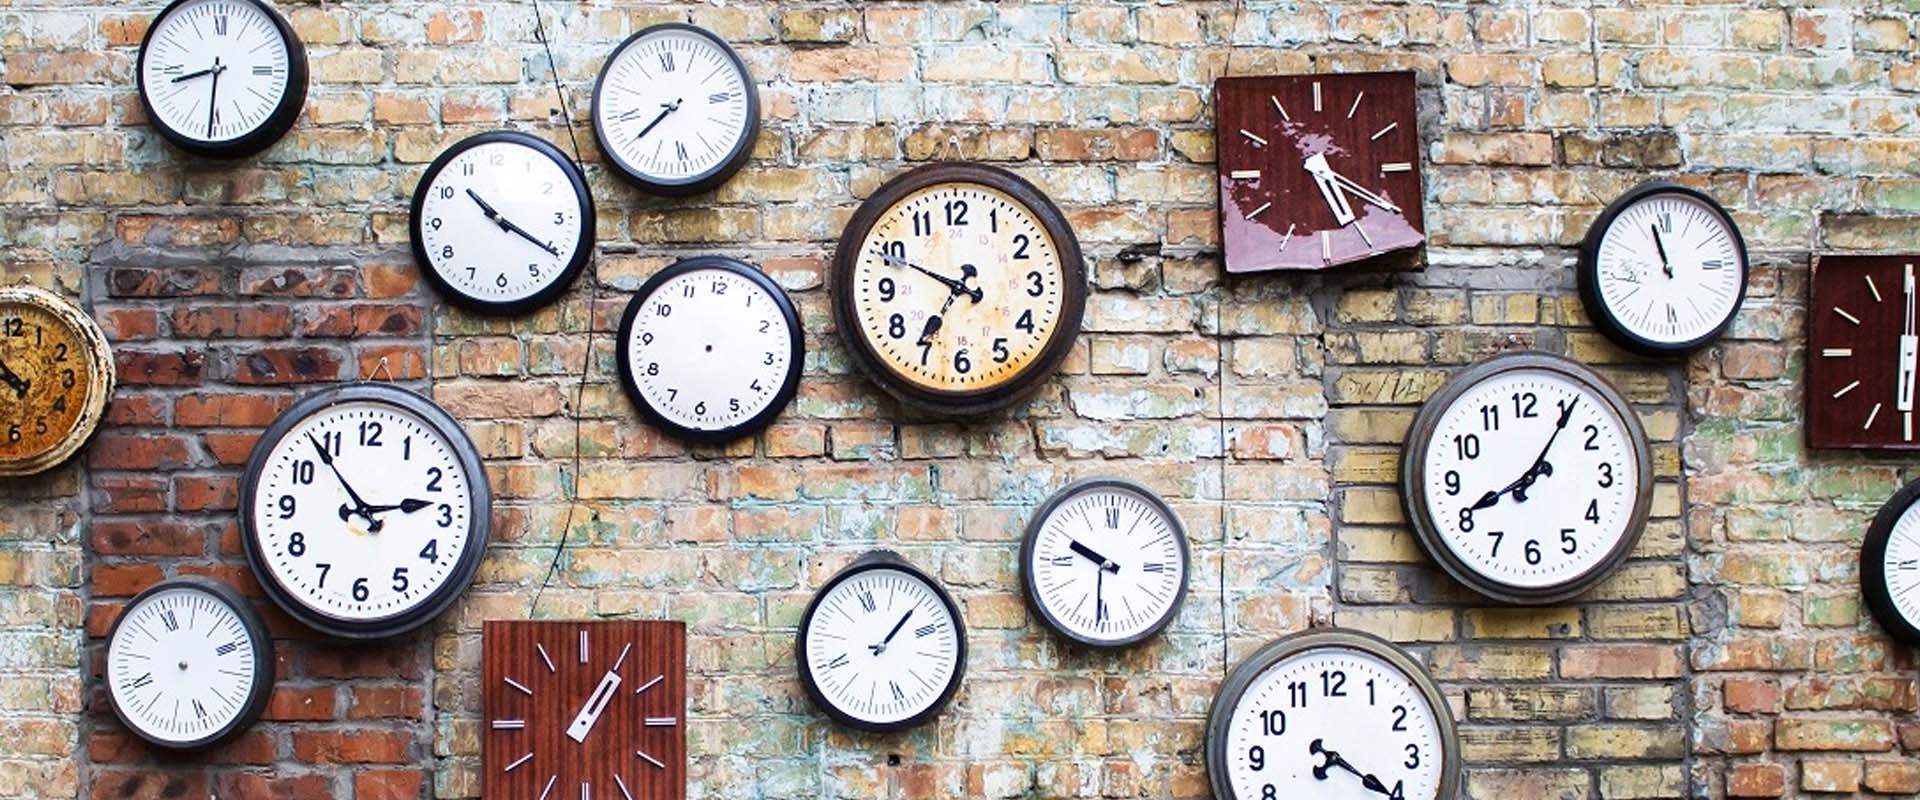 Il Tempo: una Prospettiva Filosofica | Festival Treccani della Lingua Italiana